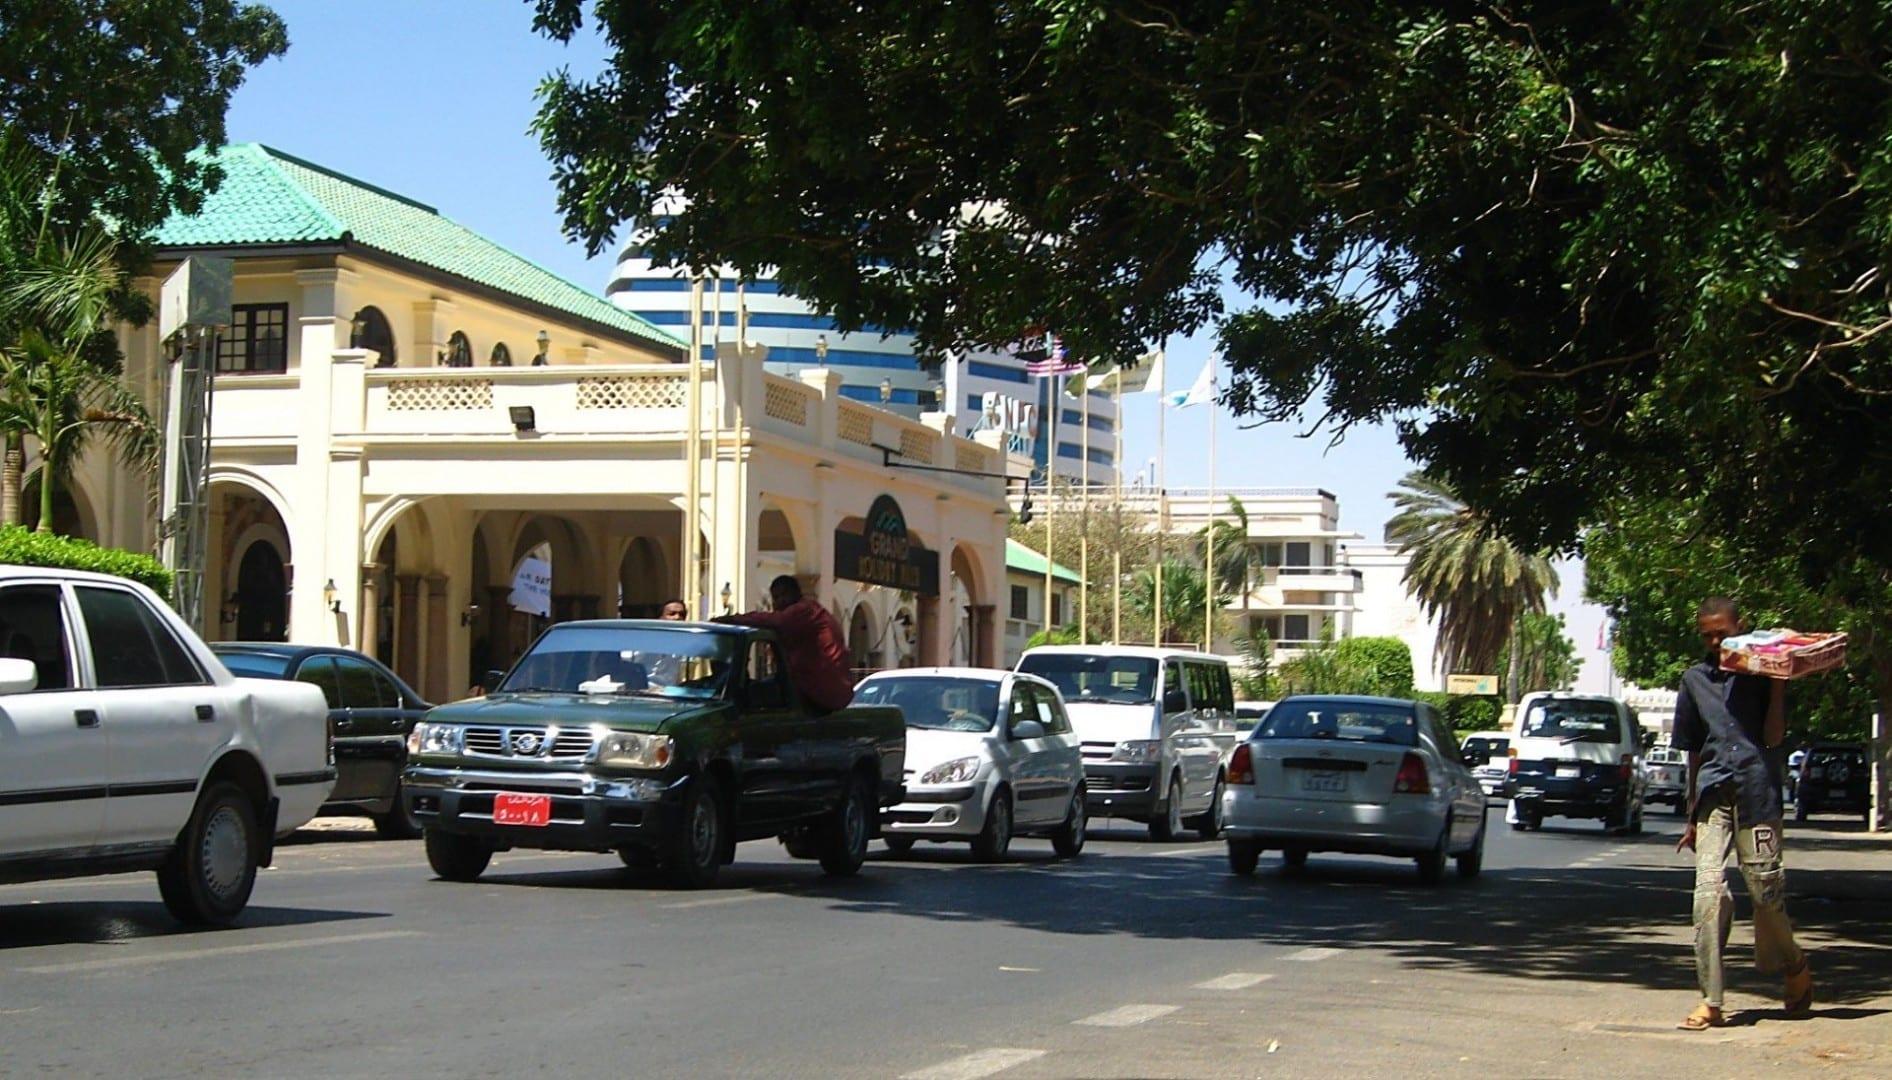 Calle Nilo y la Gran Villa de Vacaciones de Khartoum. Jartum Sudán